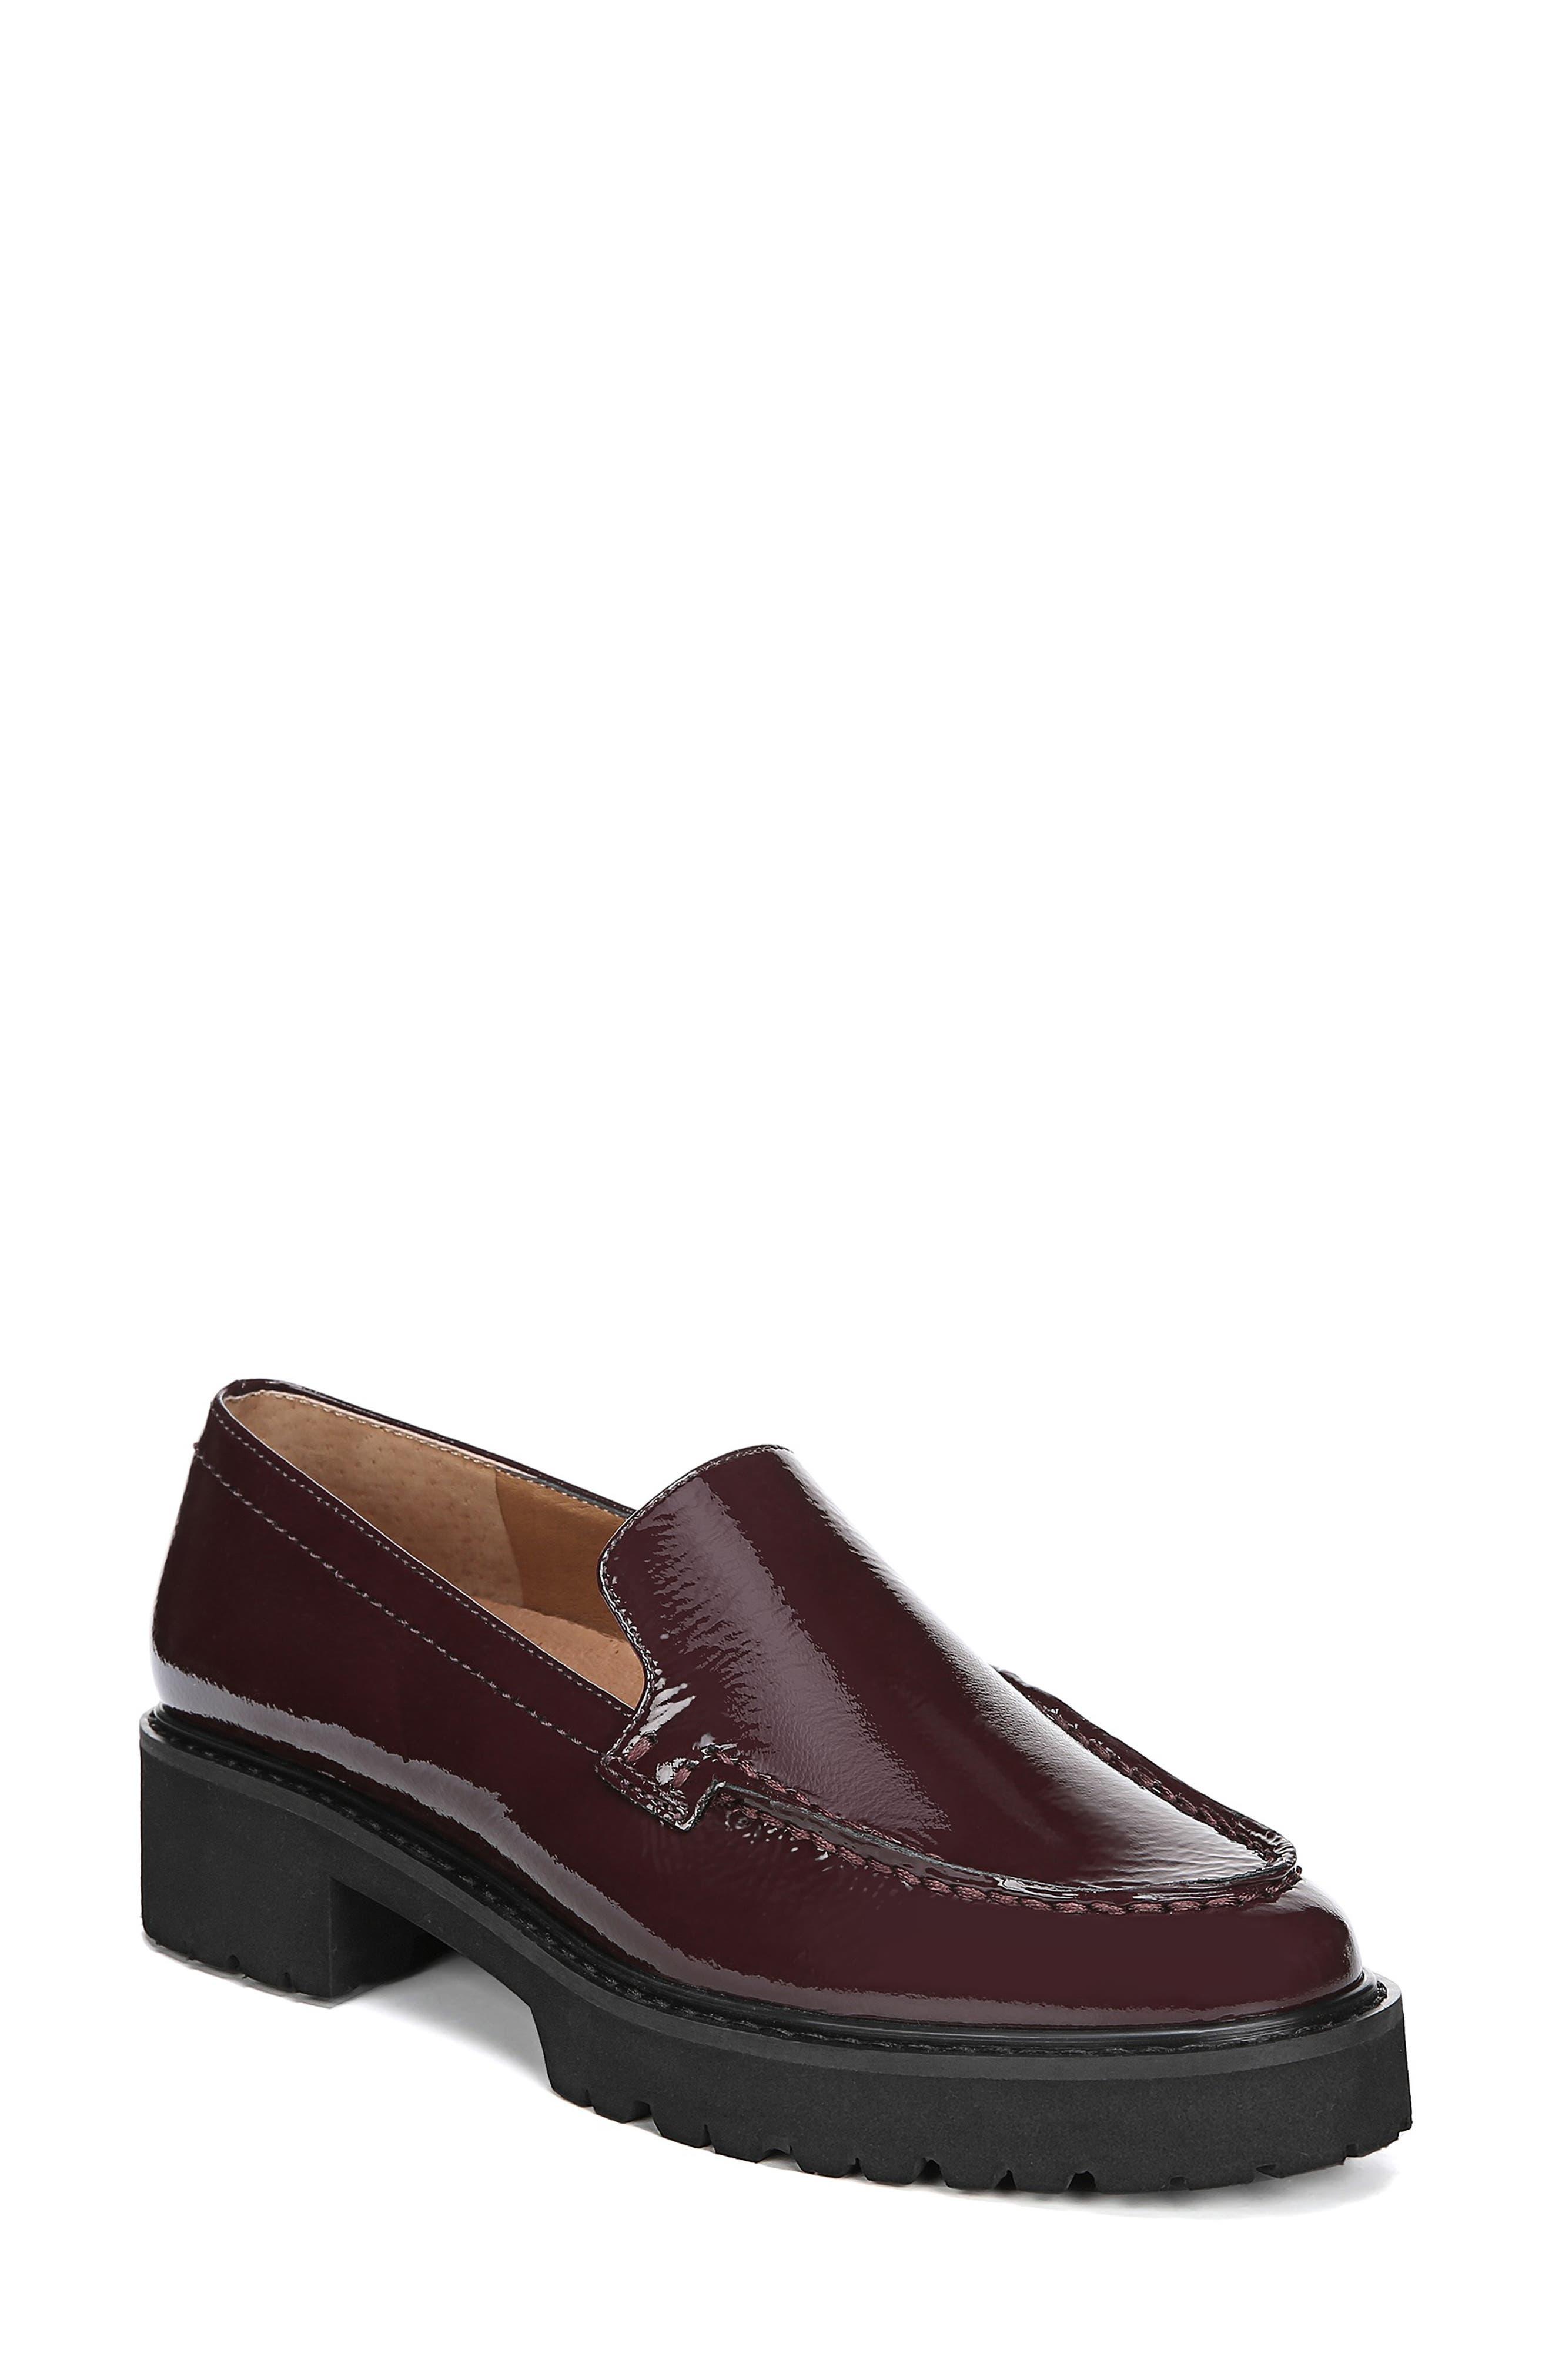 Delana Platform Loafer,                         Main,                         color, MERLOT CRINKLE PATENT